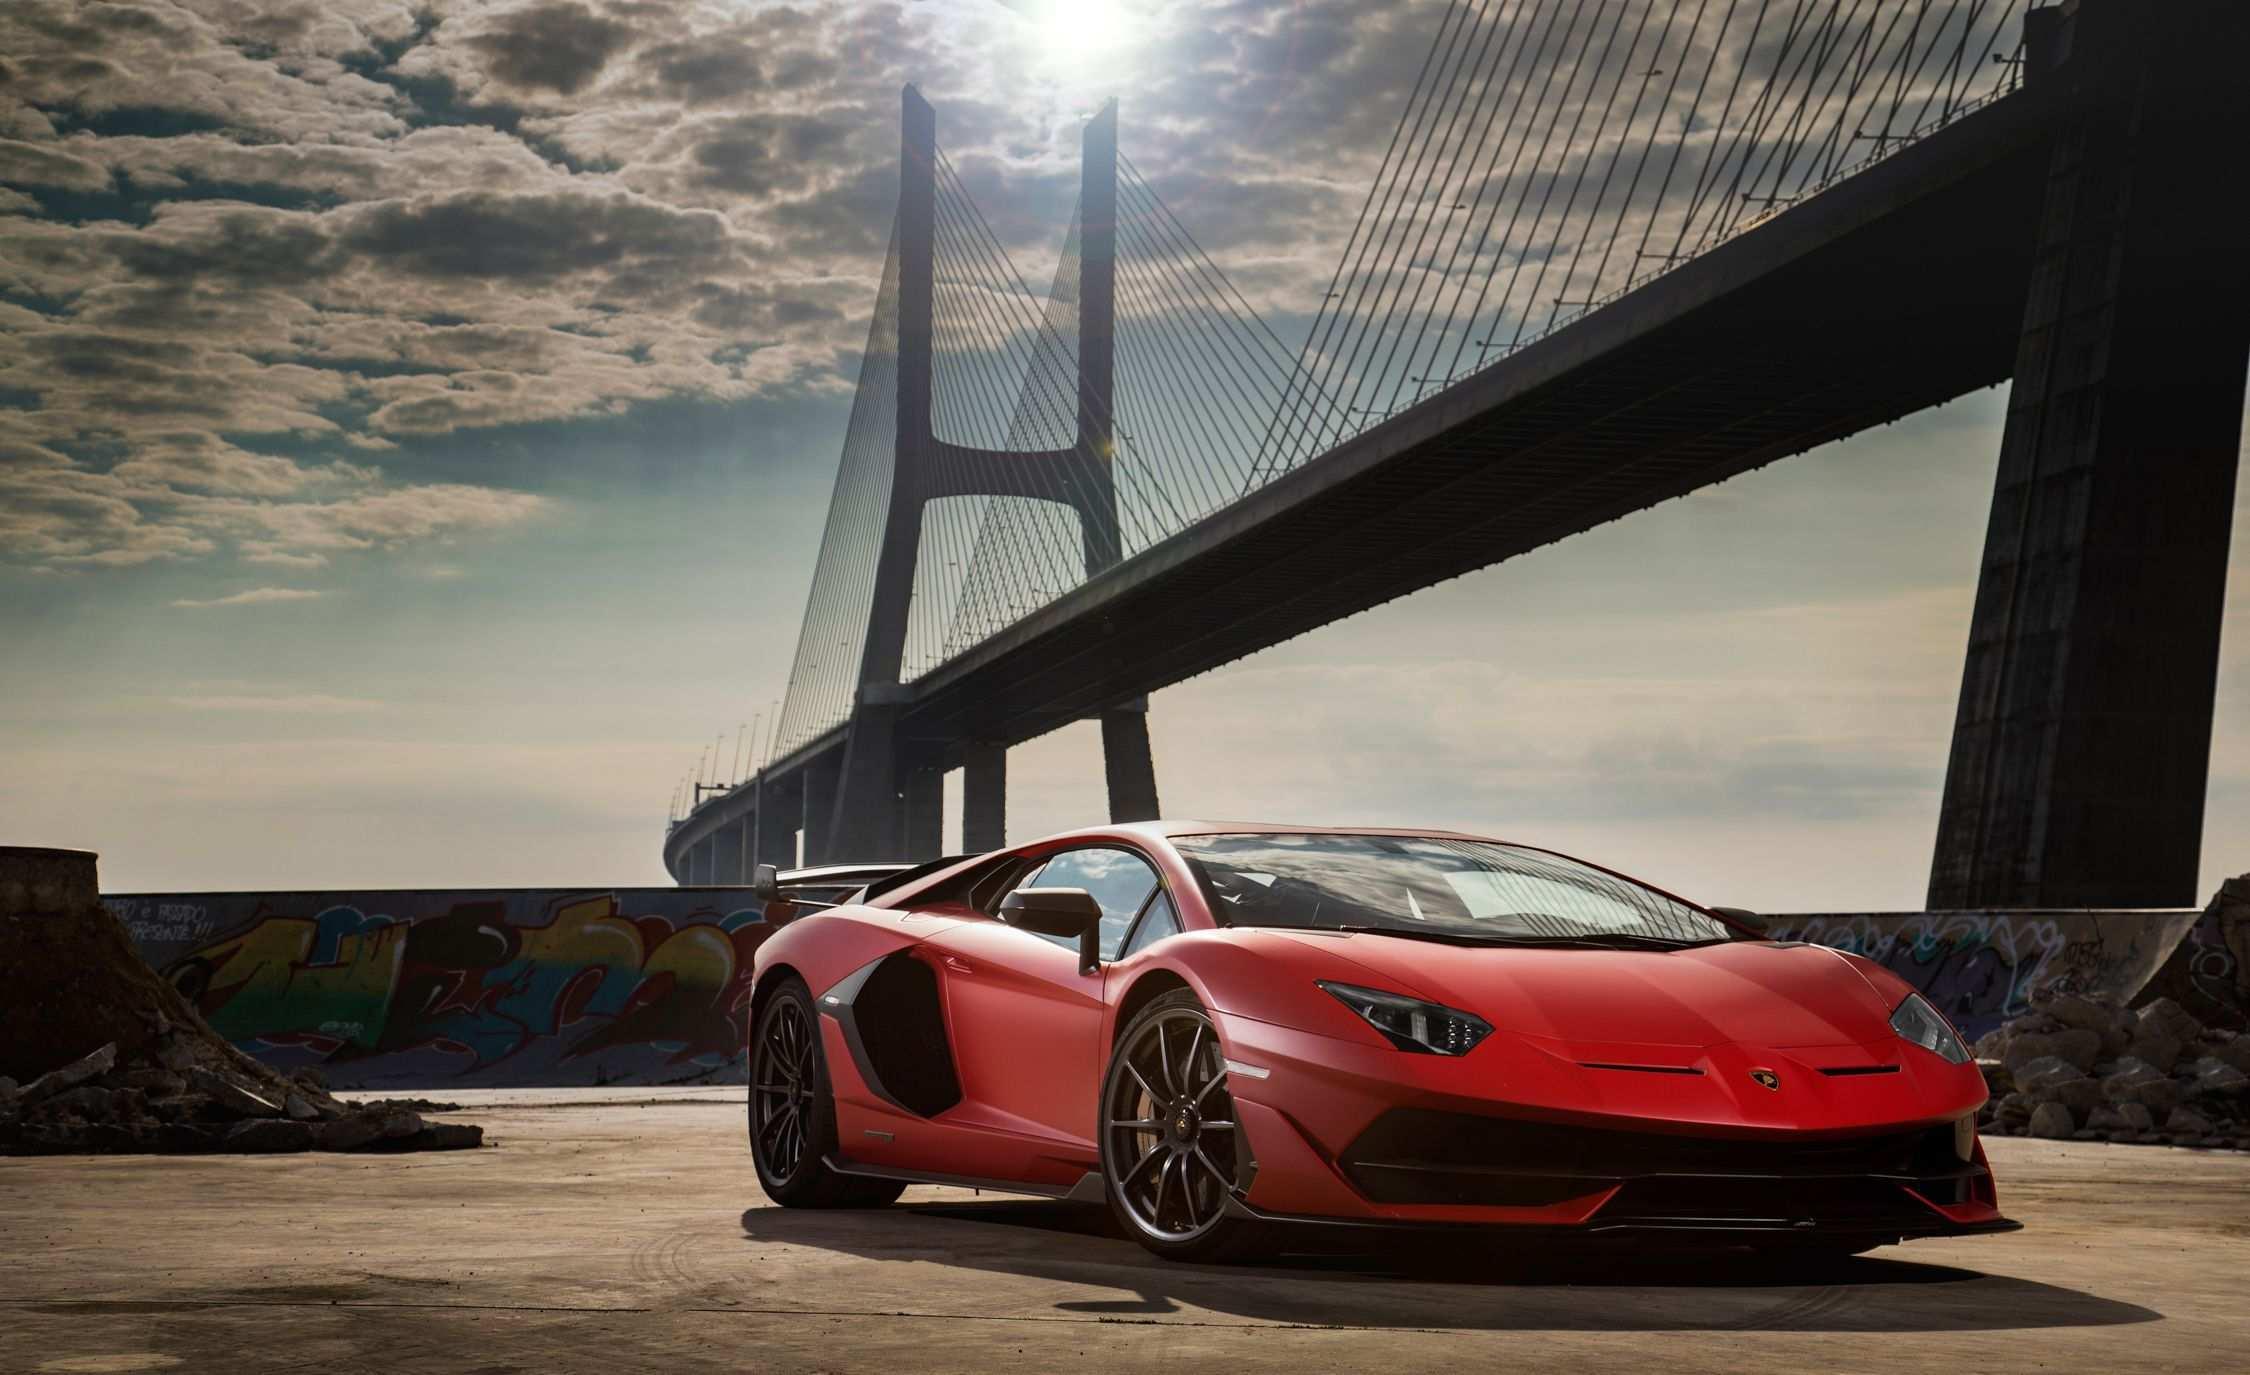 60 Best Review 2020 Lamborghini Aventador Price Rumors by 2020 Lamborghini Aventador Price